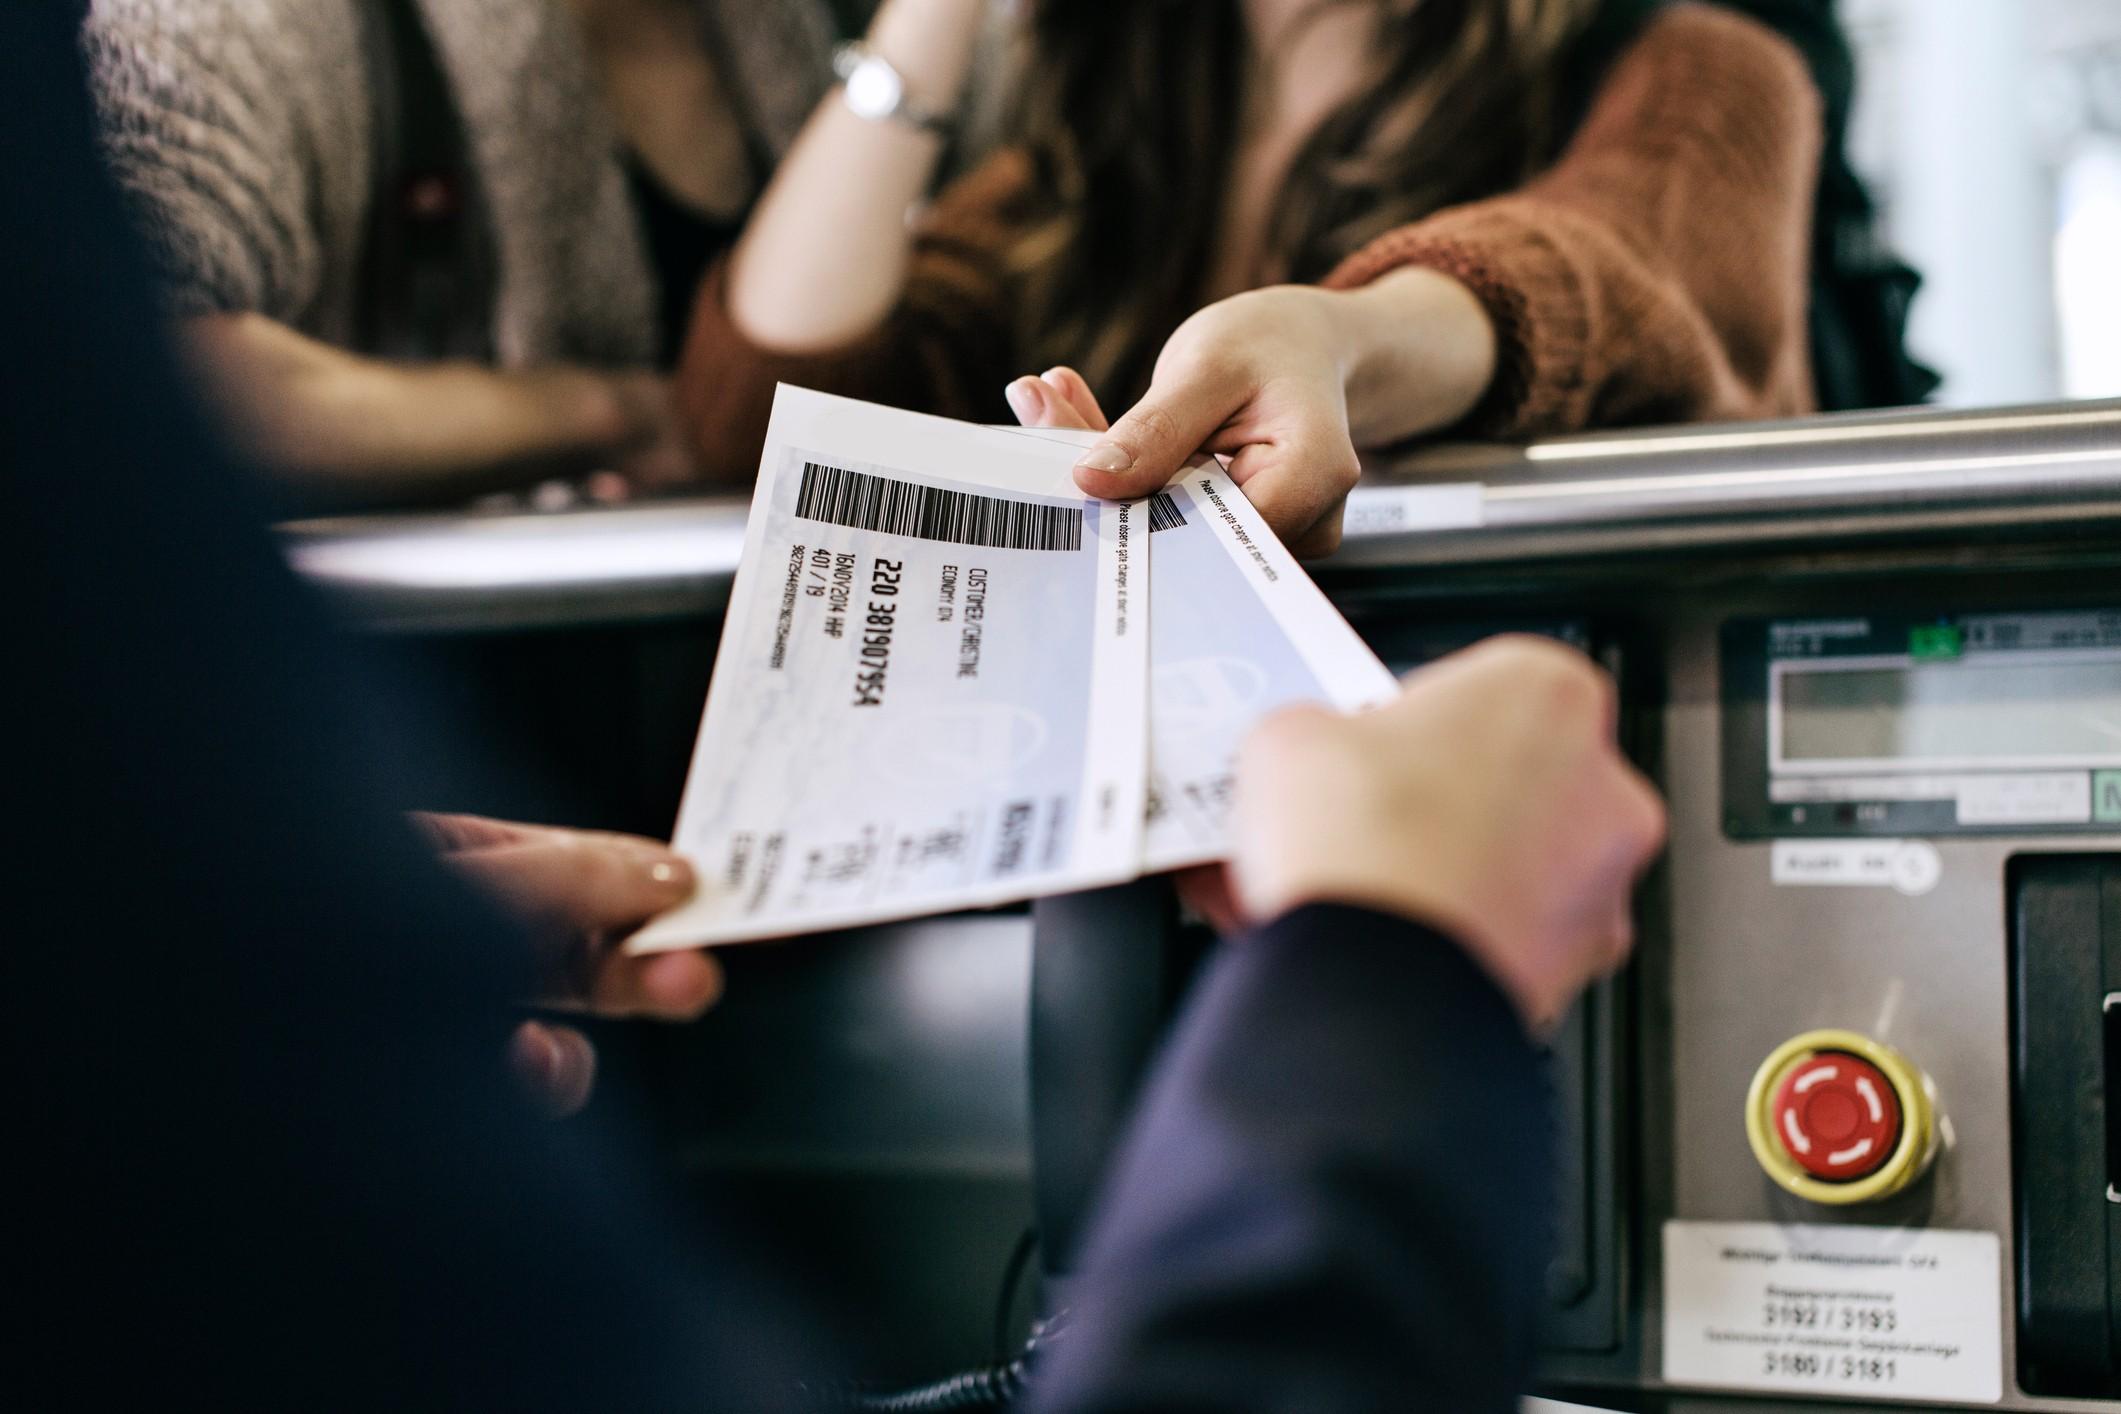 O que é Price Discrimination e como é aplicado em passagens aéreas?